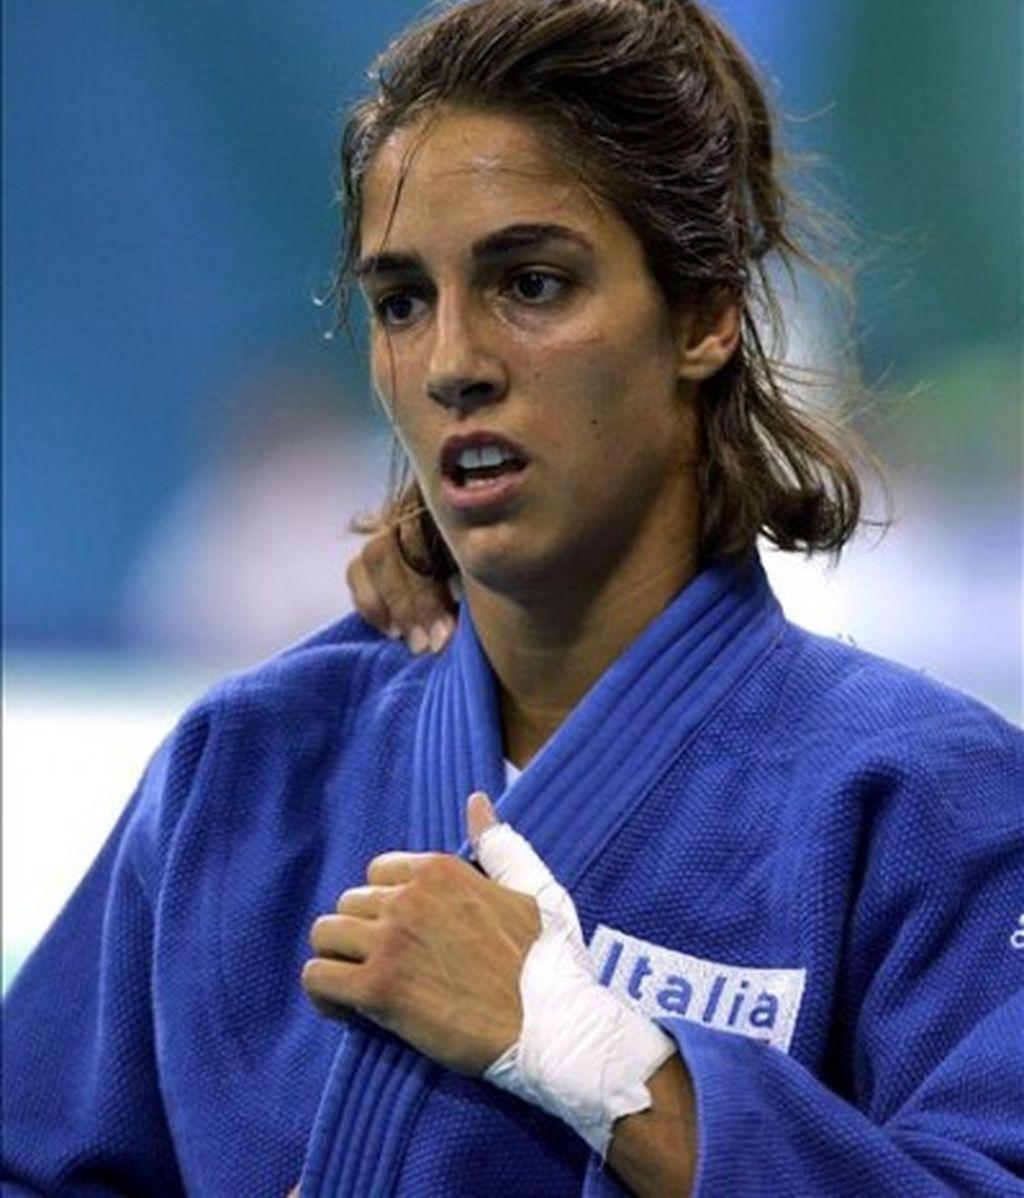 Quintavalle, campeona olímpica en Judo